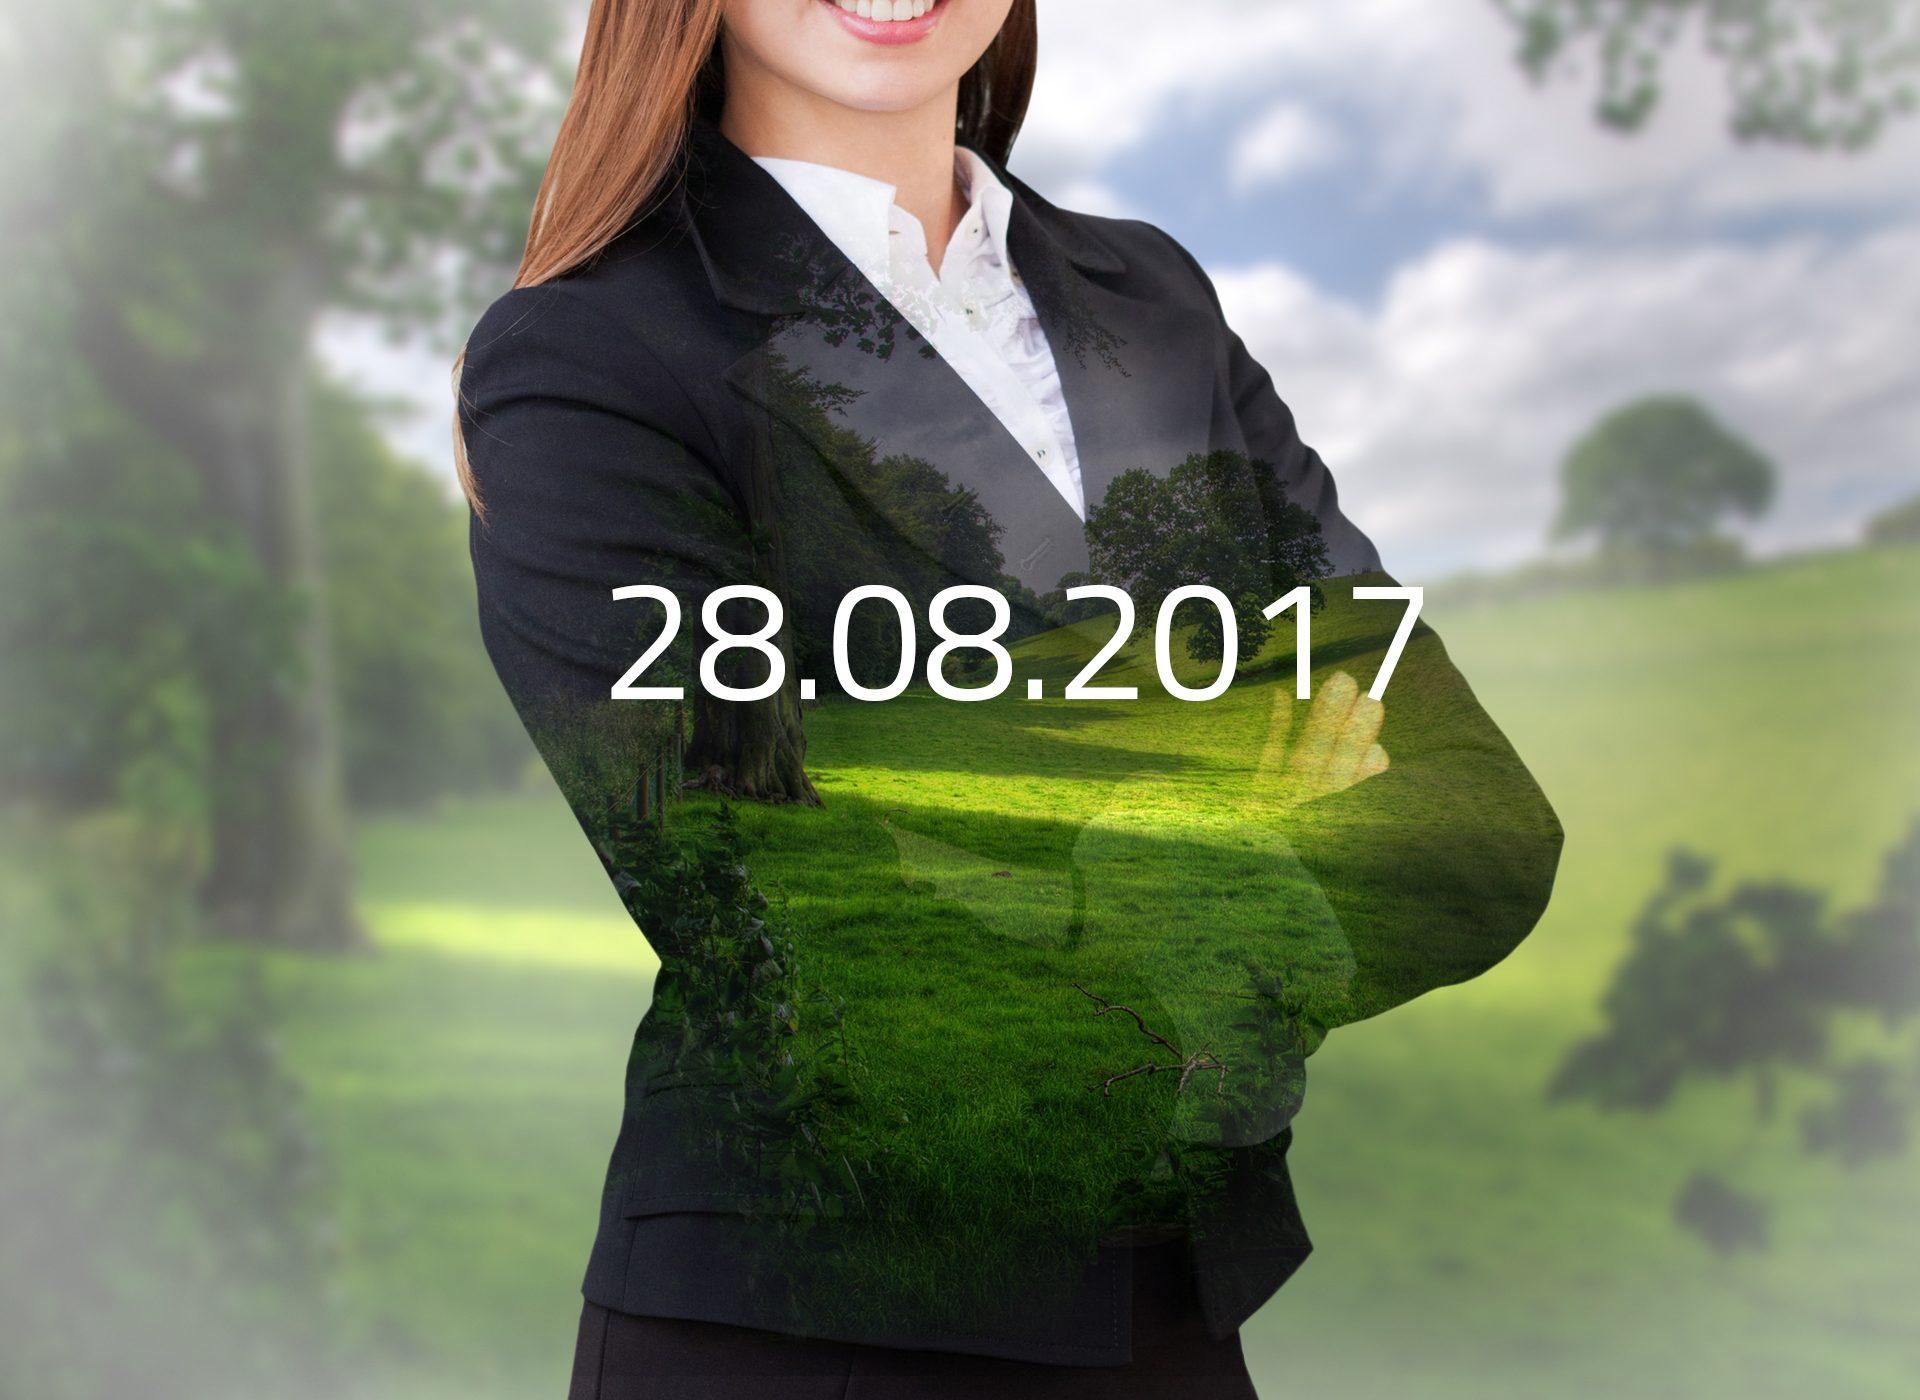 Monika Kreiling Verrat Die Wichtigsten Knigge Regeln Im Business Advacon